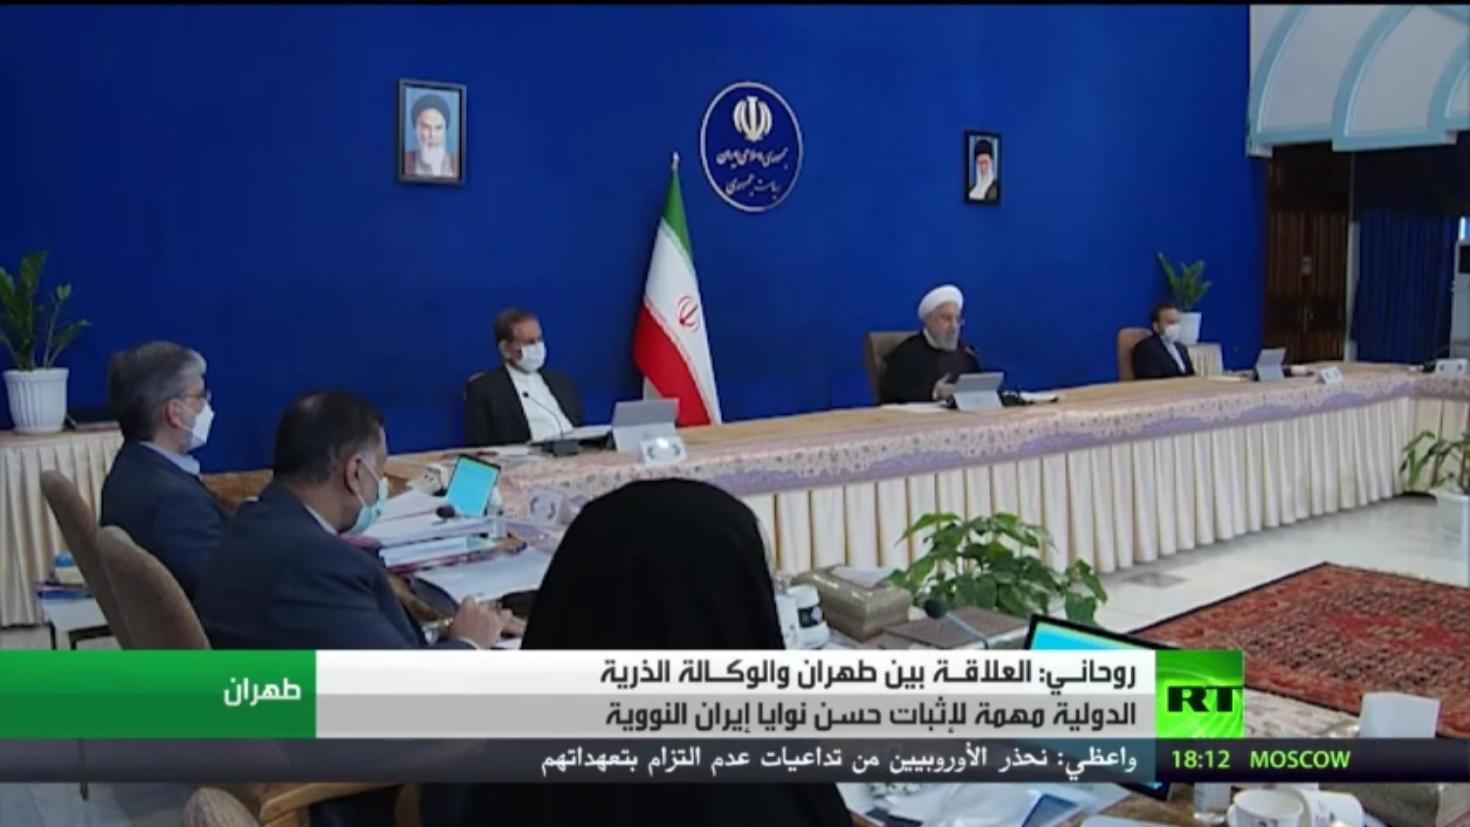 روحانـي: العلاقـة بين طهران والوكـالة الذرية الدولية مهمة لإثبات حسن نوايا إيران النووية